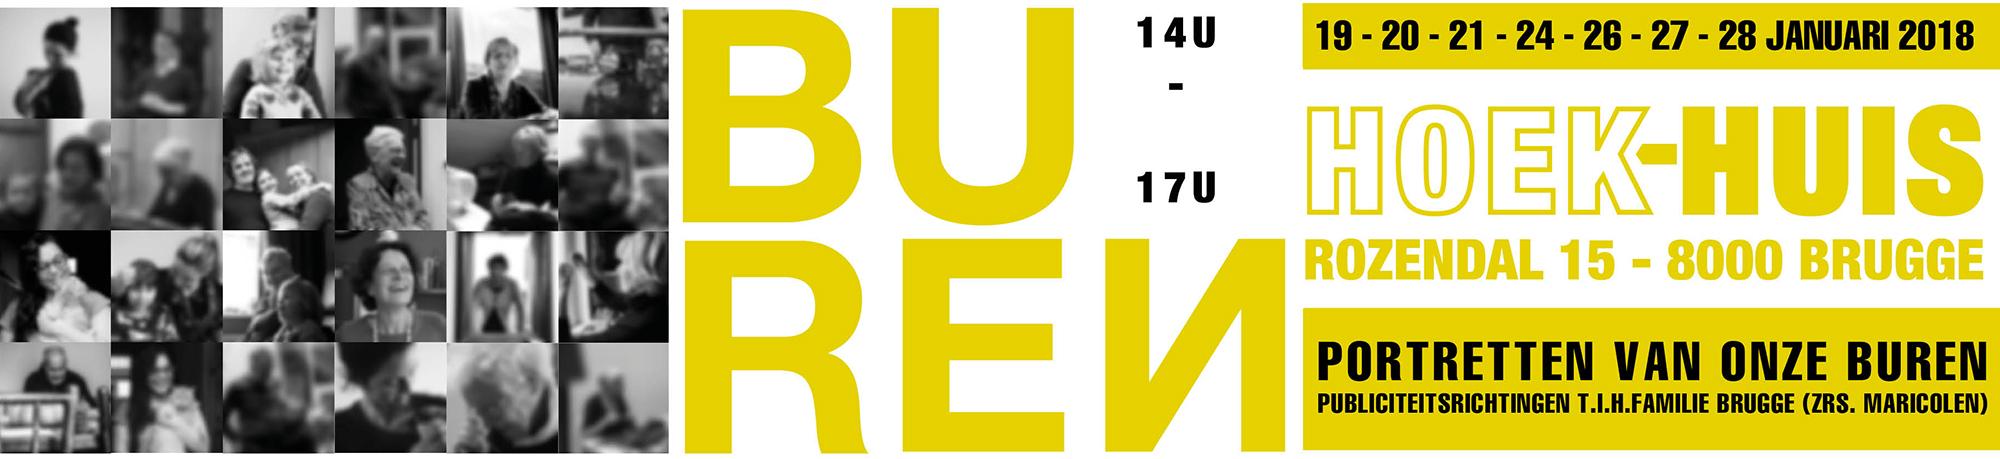 Tentoonstelling BUREN - Kunstafdeling maricolen Brugge - TIHFamilie